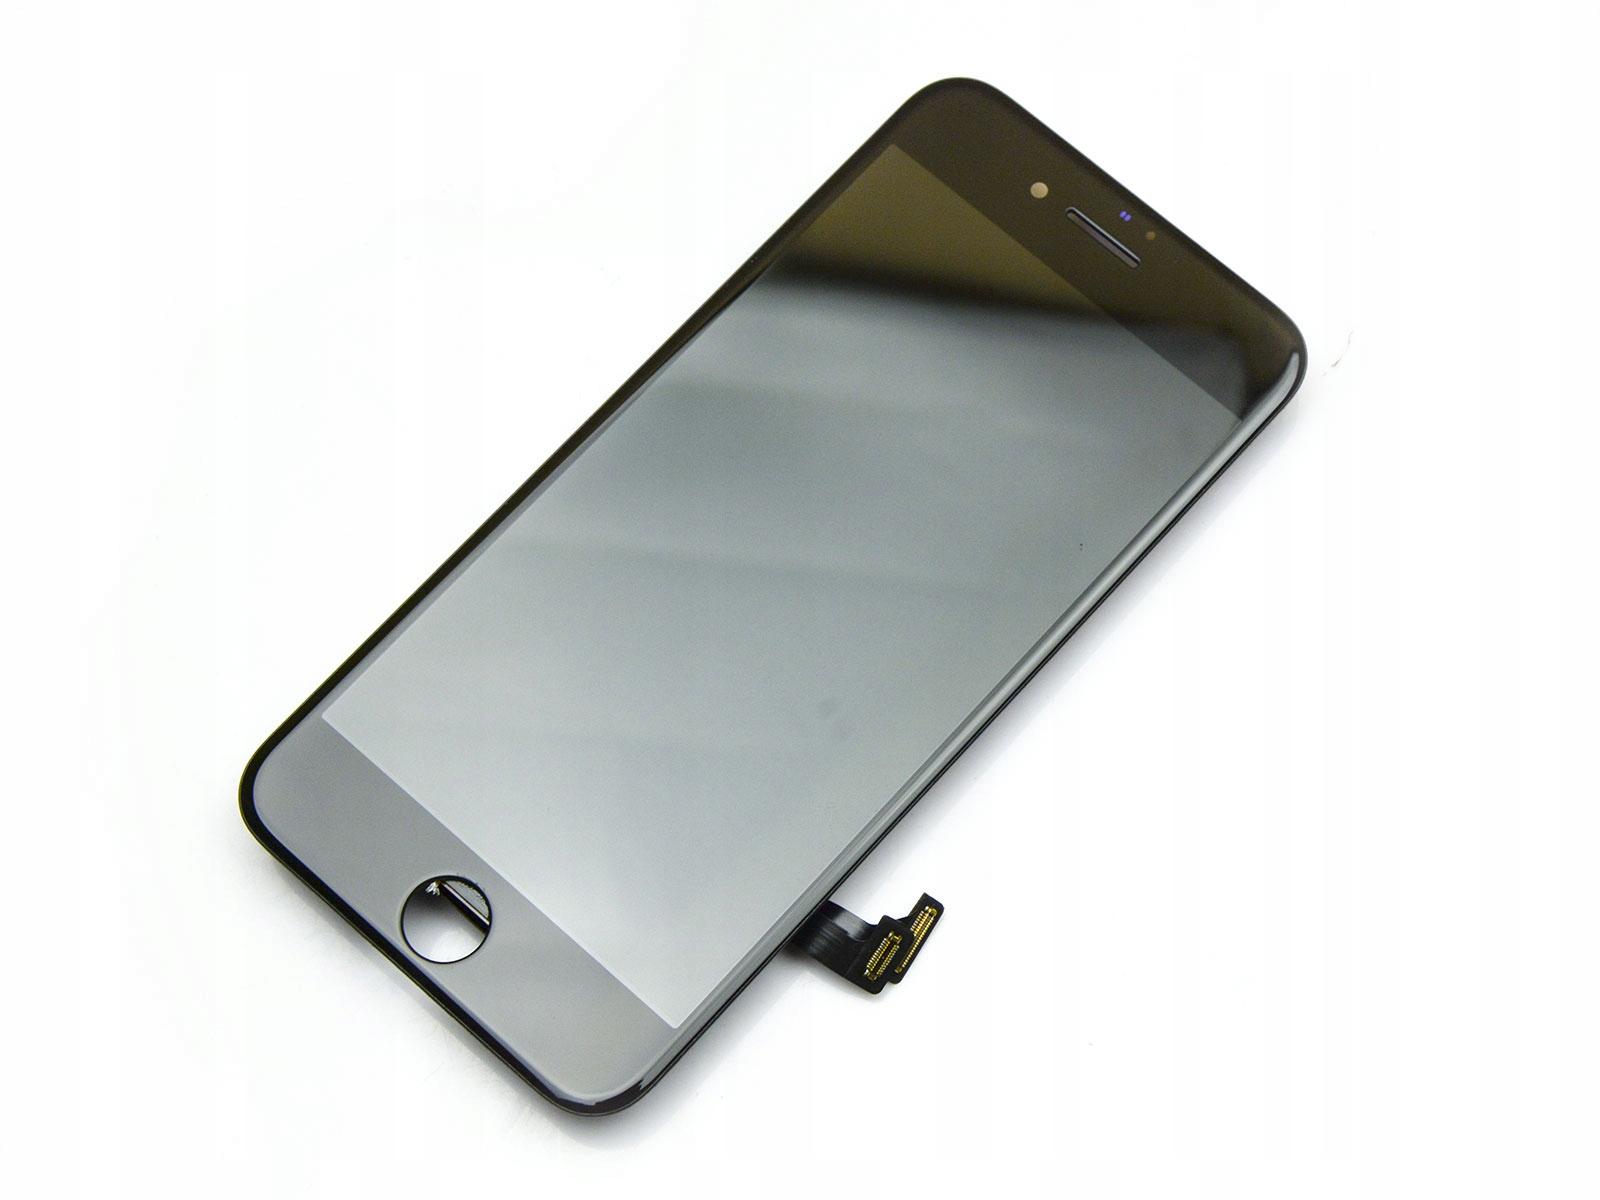 WYŚWIETLACZ LCD RAMKA SZYBKA IPHONE 7 WYMIANA